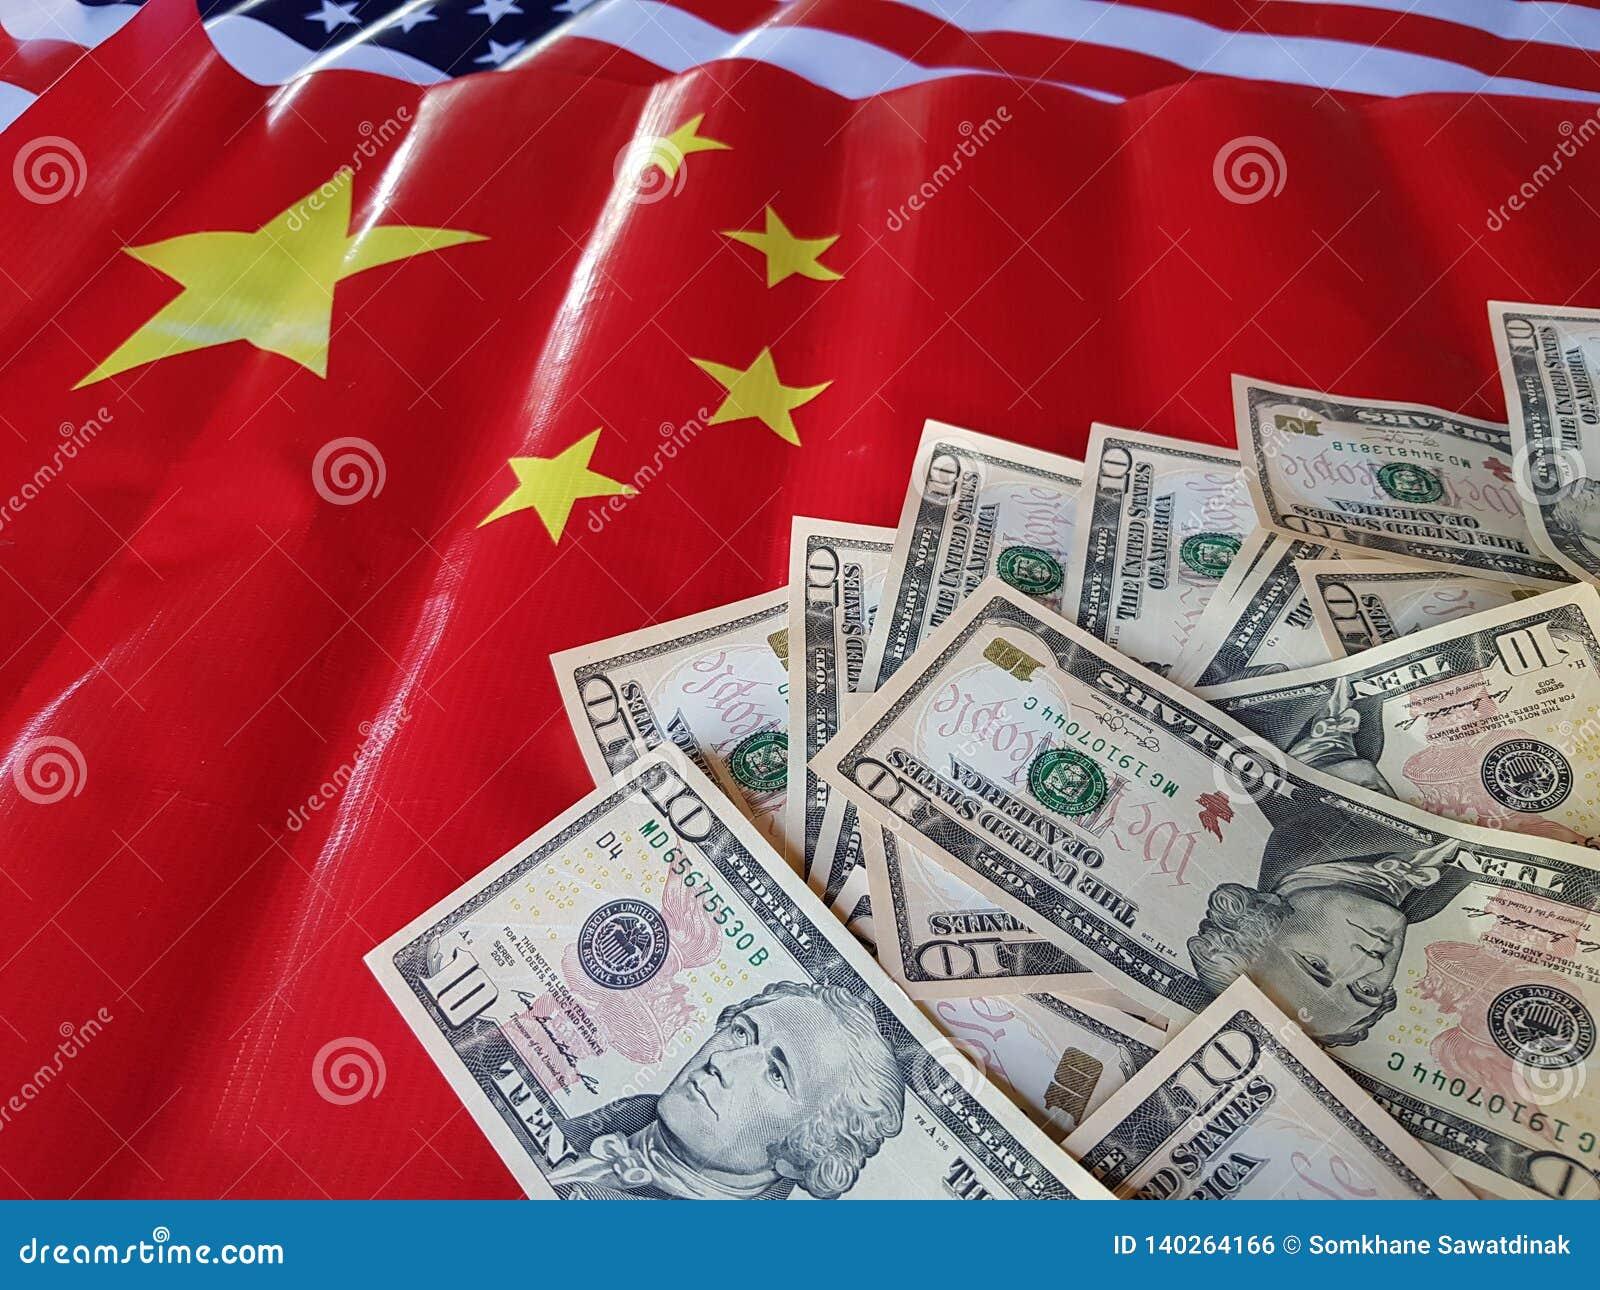 La camera di commercio degli Stati Uniti le chiamate per dare gli accordi commerciali completi completi e può risolvere i problem